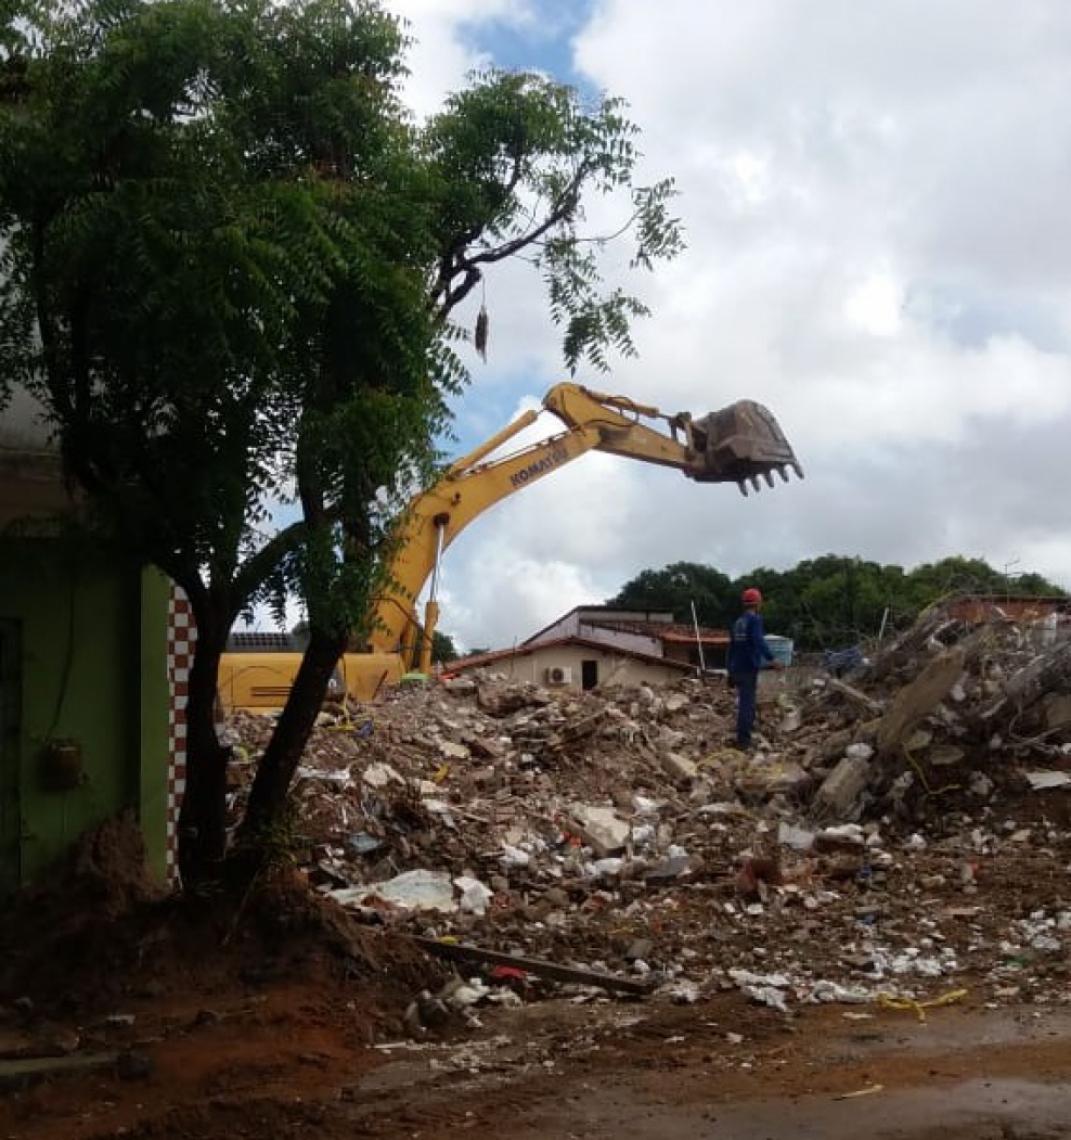 Maquinário segue trabalhando na remoção de entulho da demolição de prédio na Maraponga.